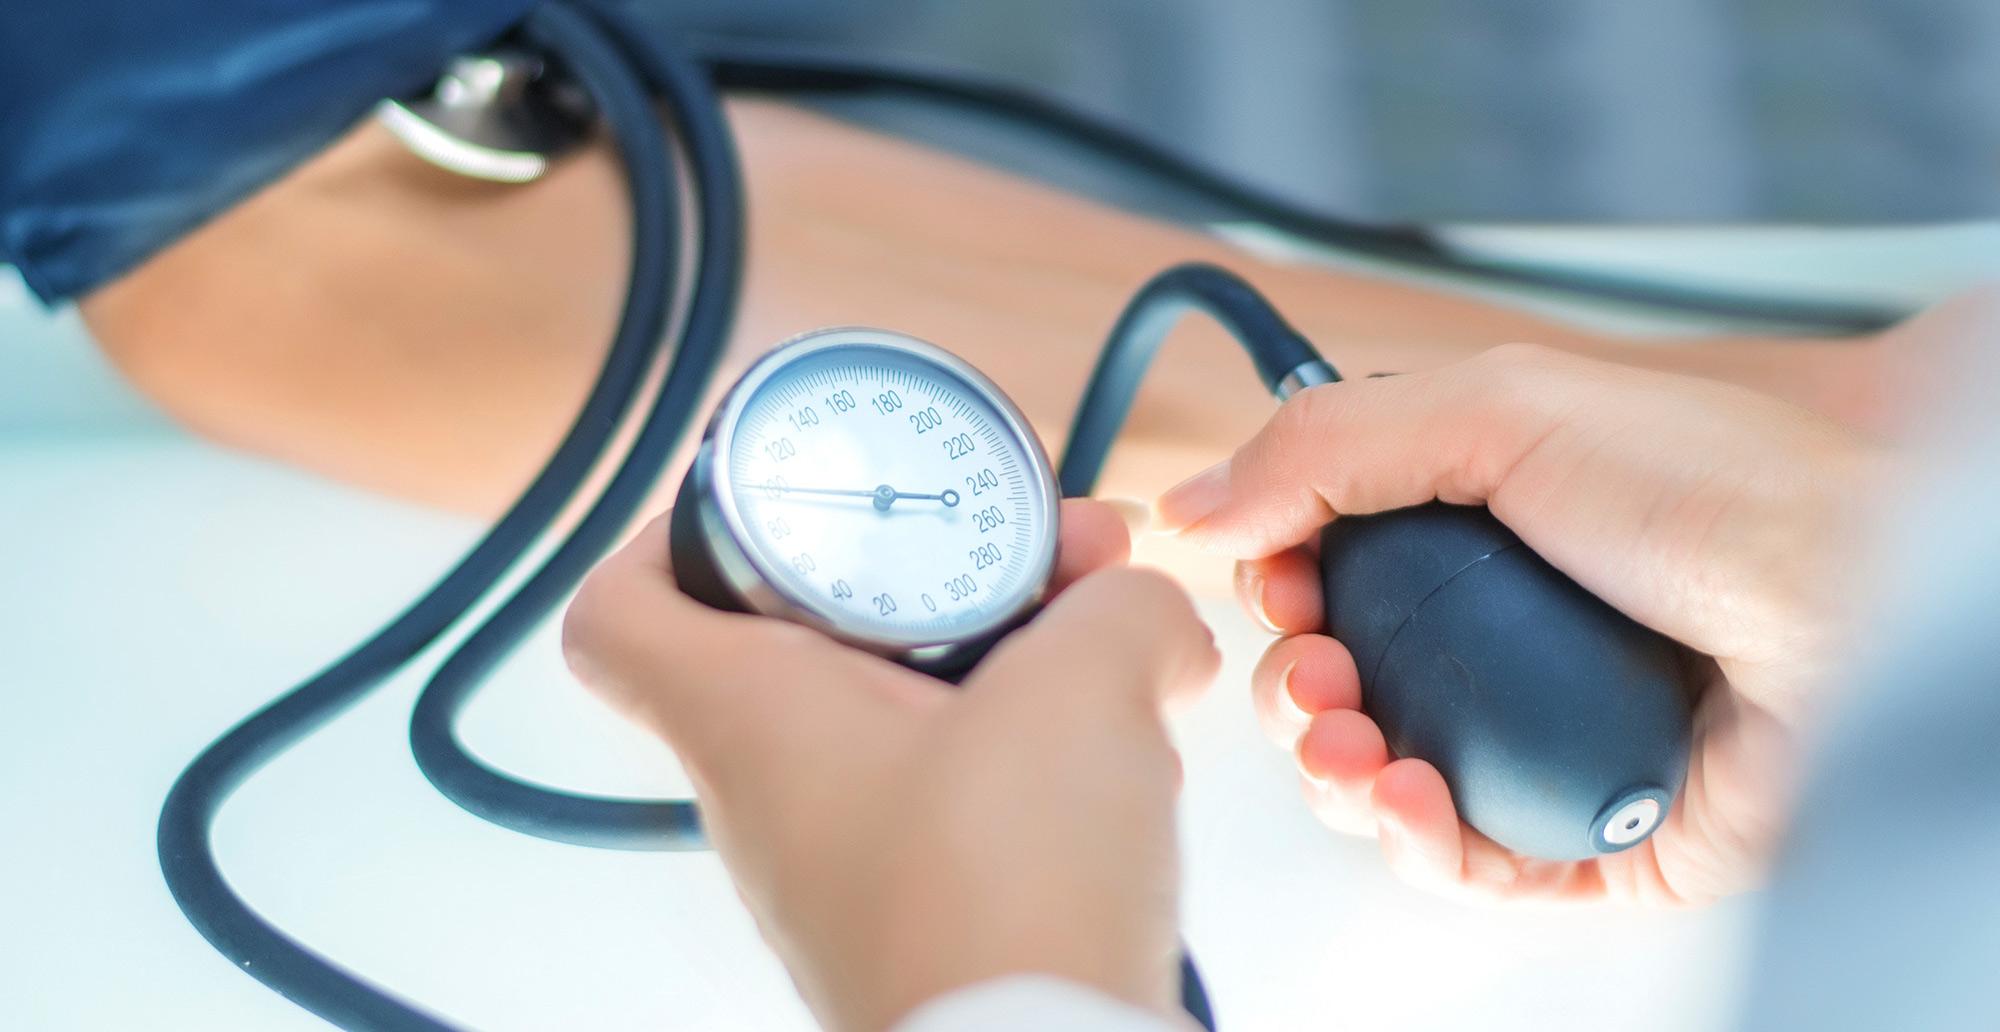 Профилактика артериальной гипертензии и факторы риска давления